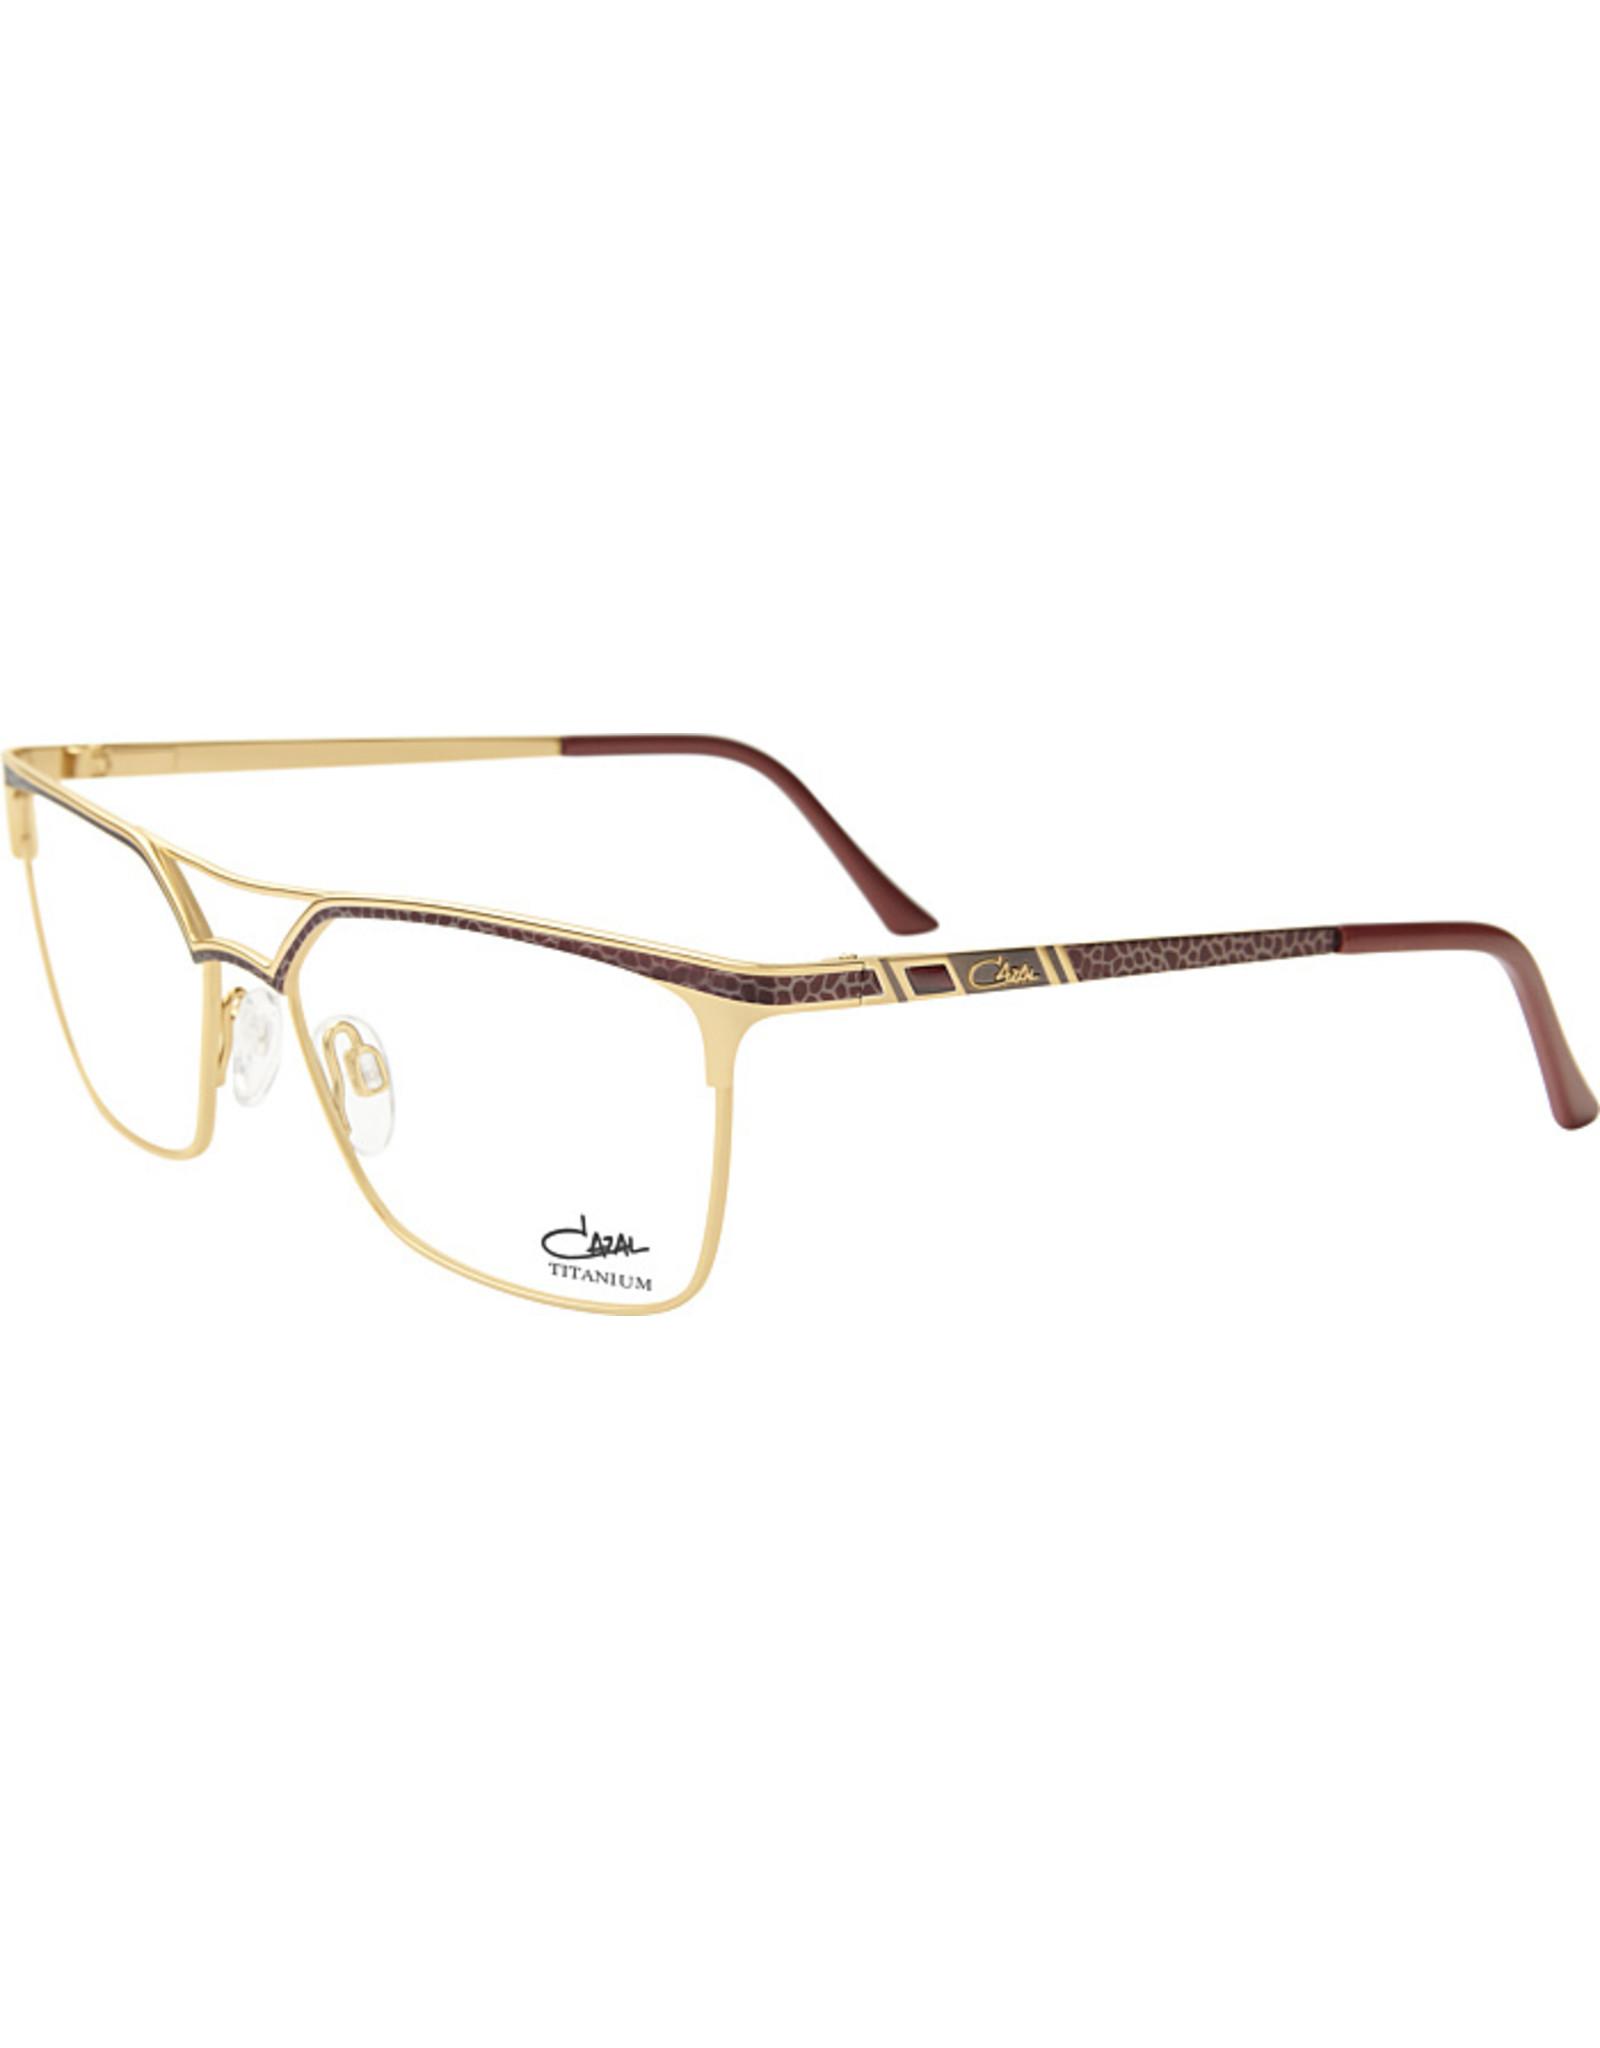 Cazal 4279 002 (gold-bordeaux)